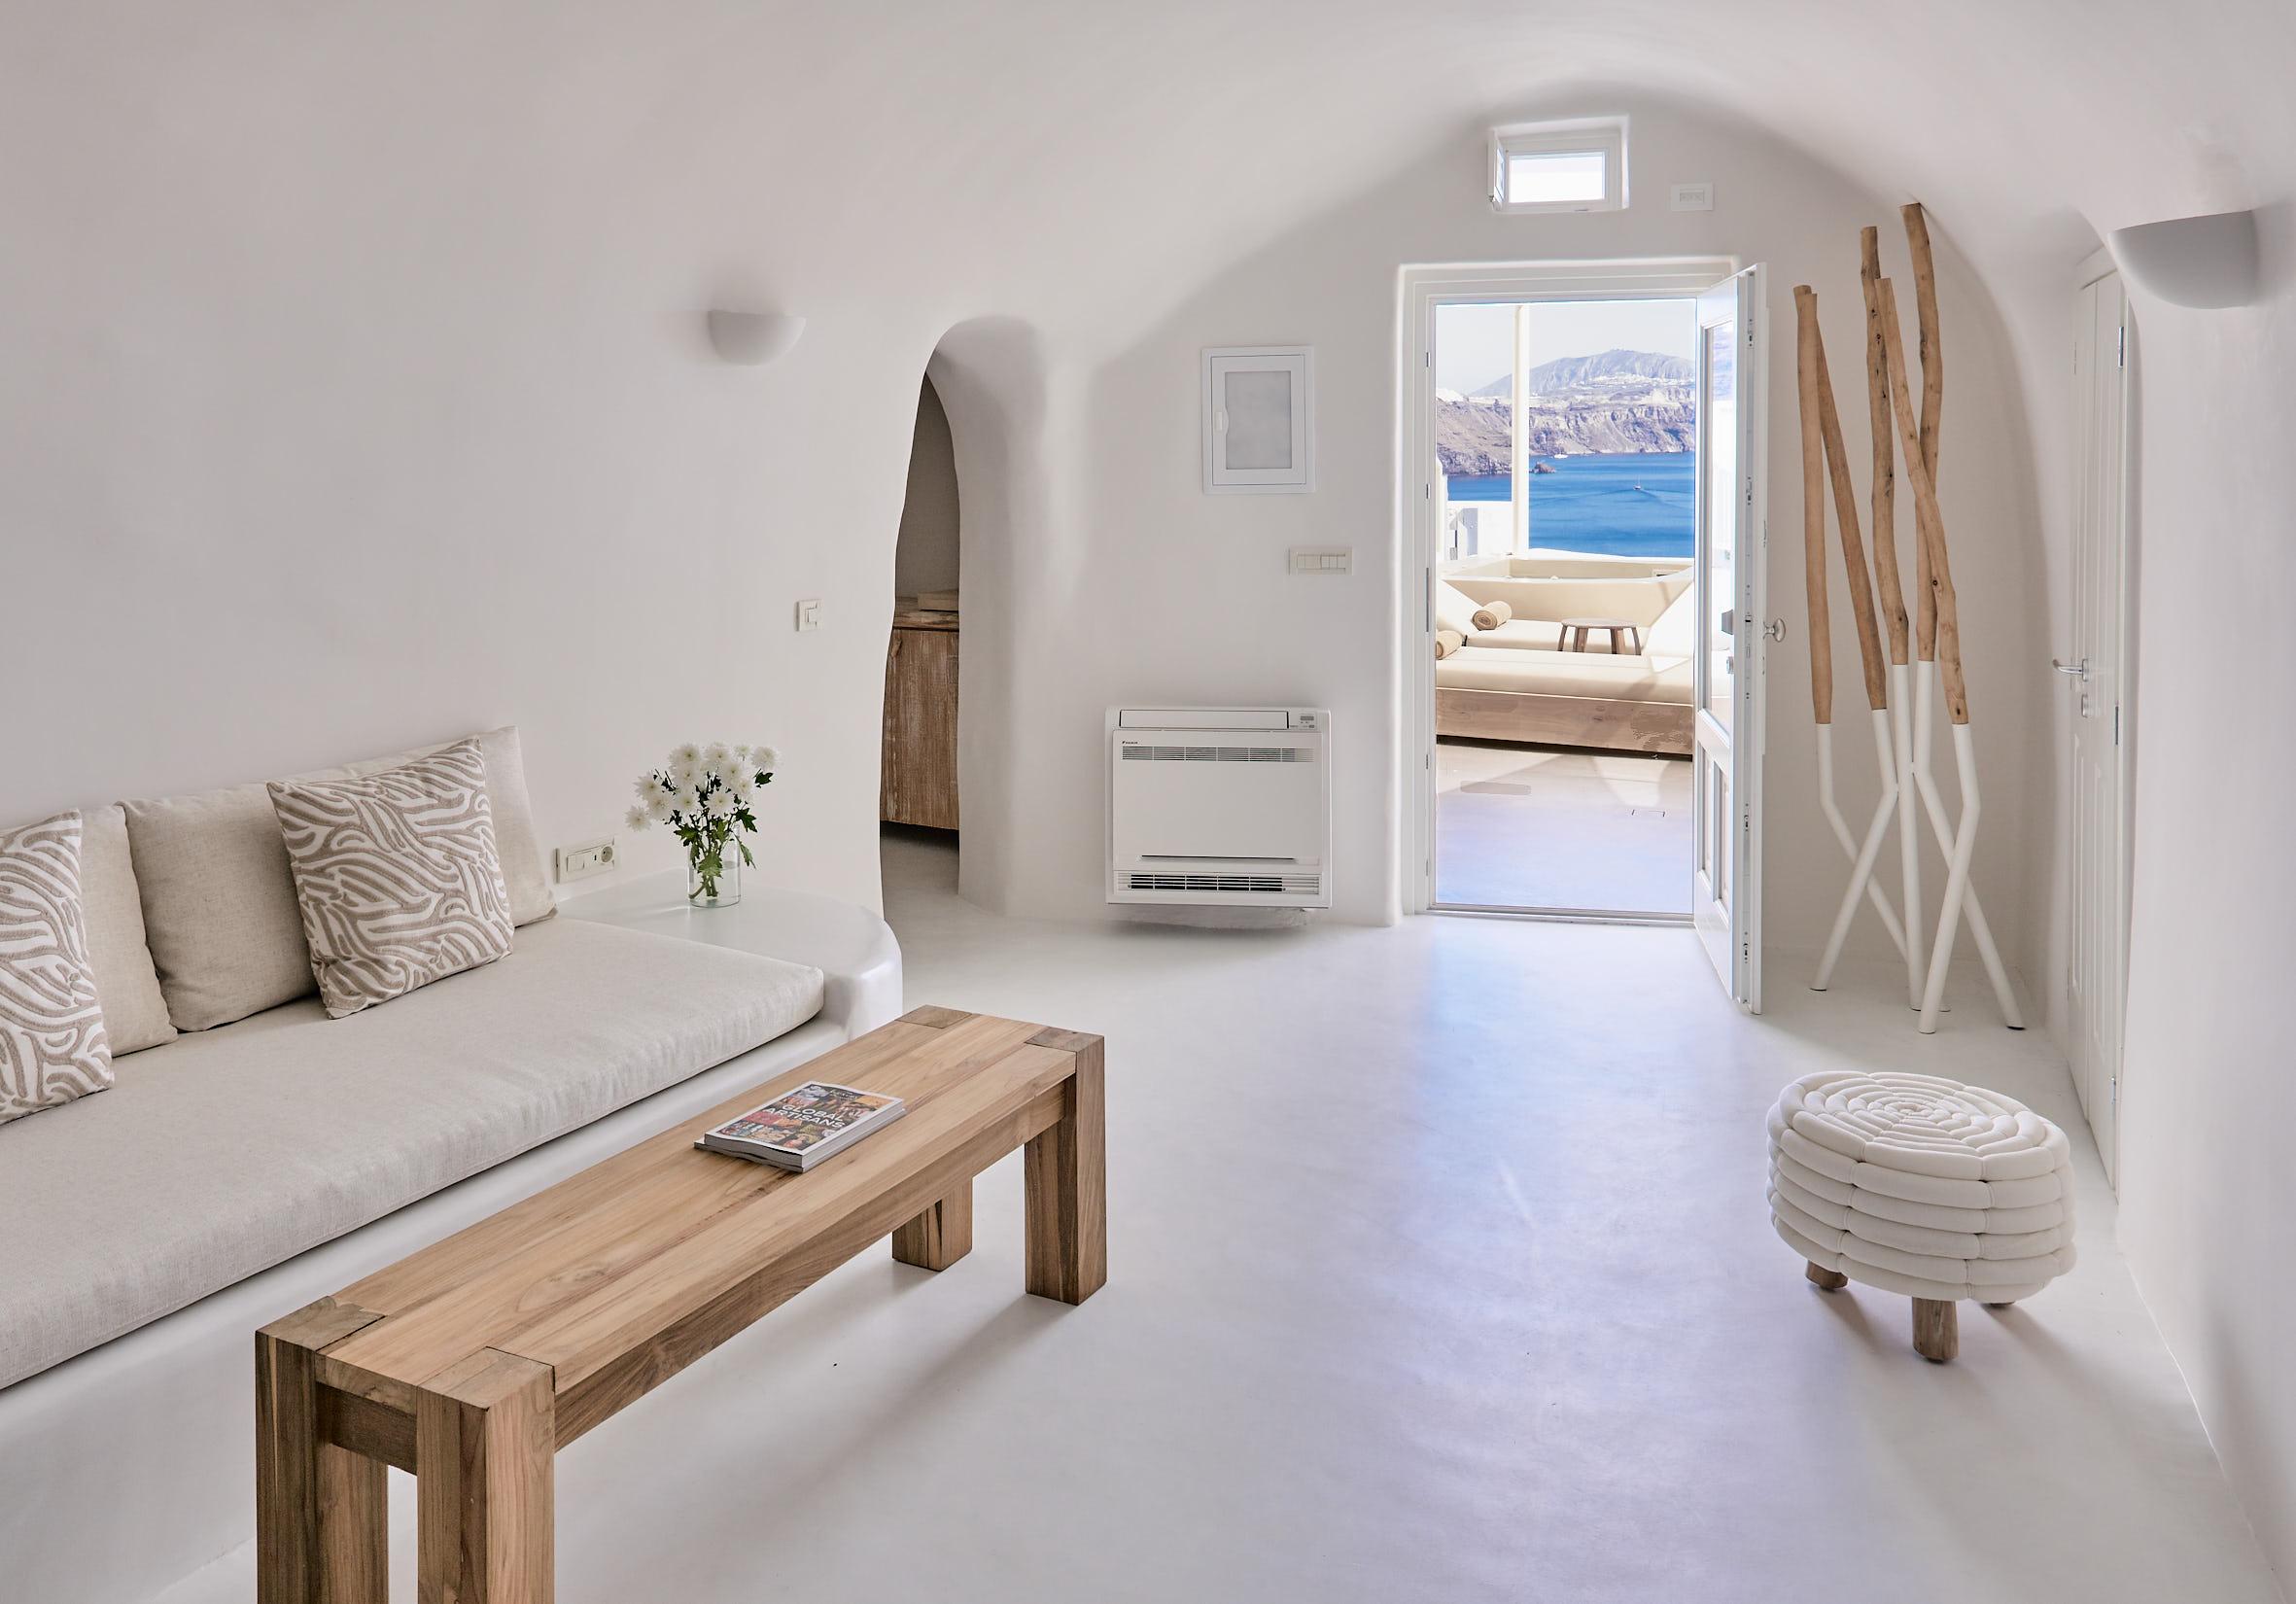 Wet Allure Suite interior design